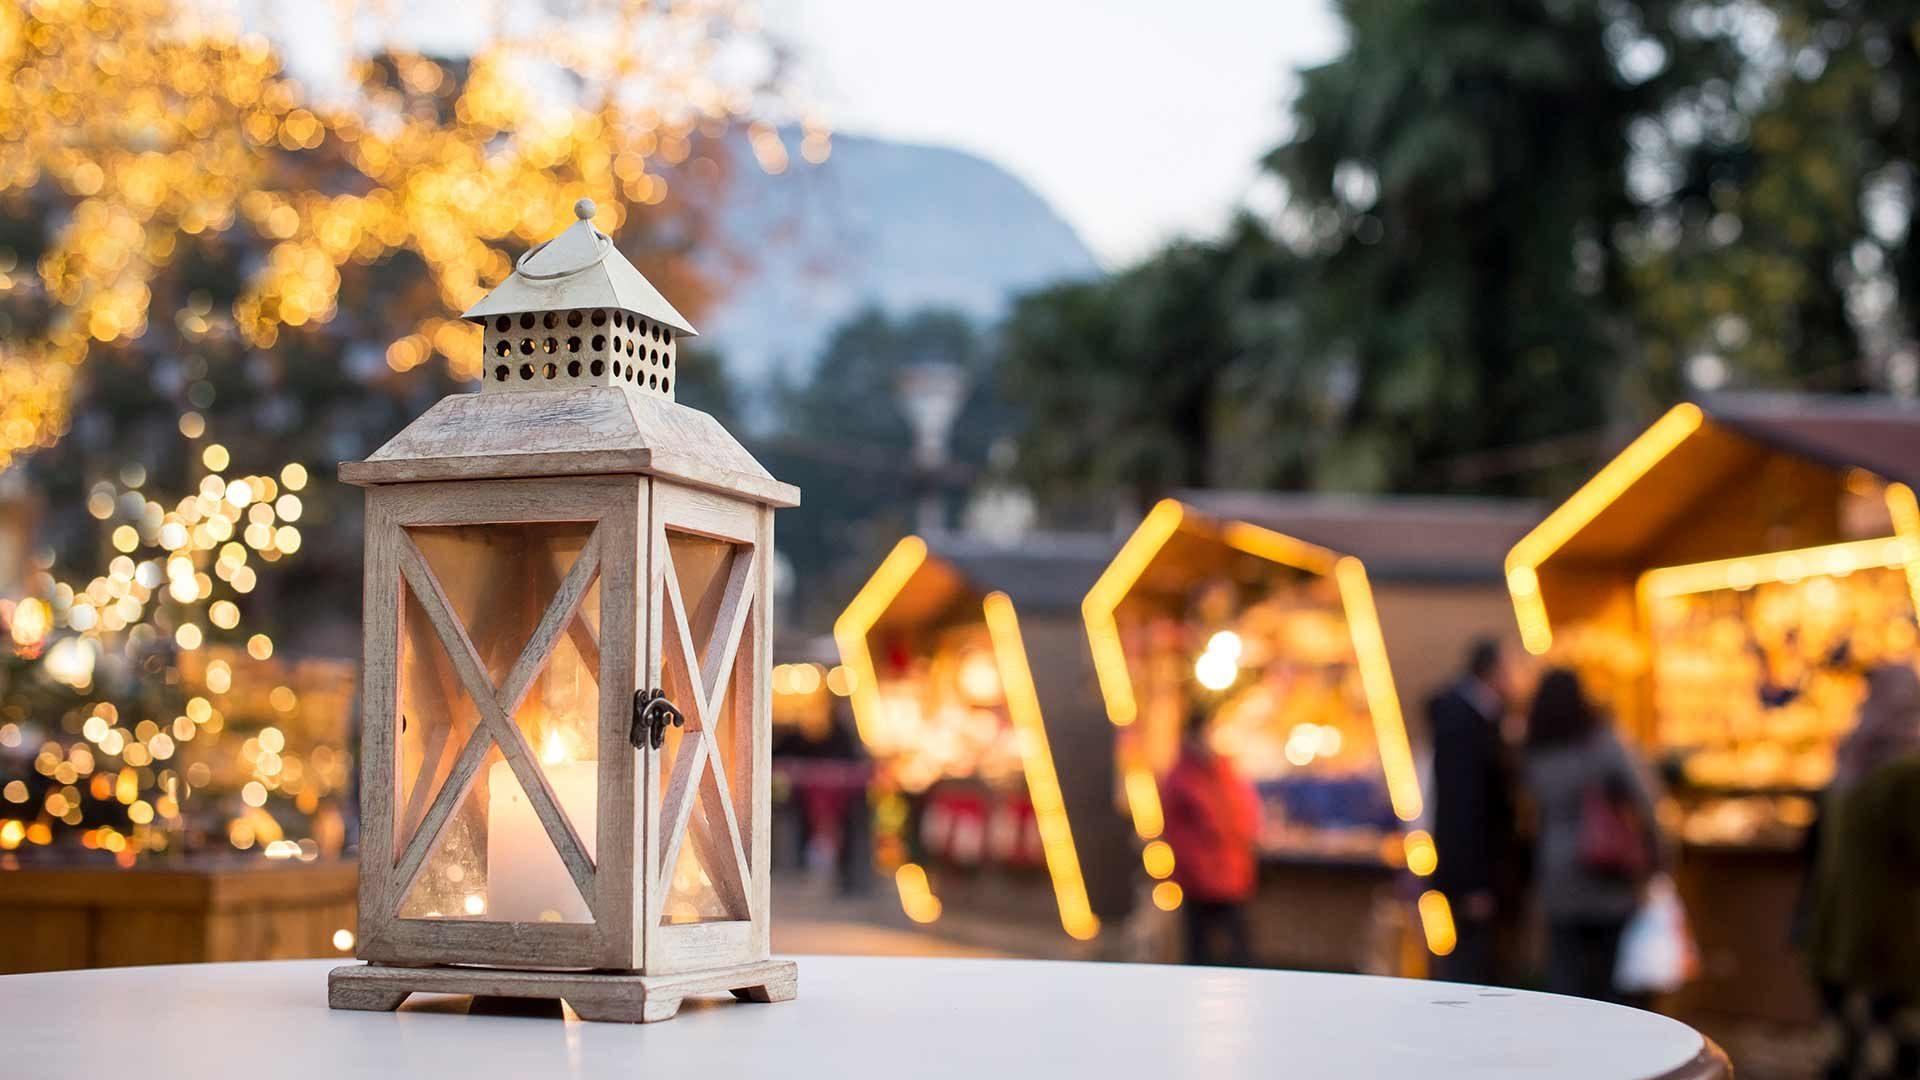 Weihnachtsmarkt Meran - Laterne